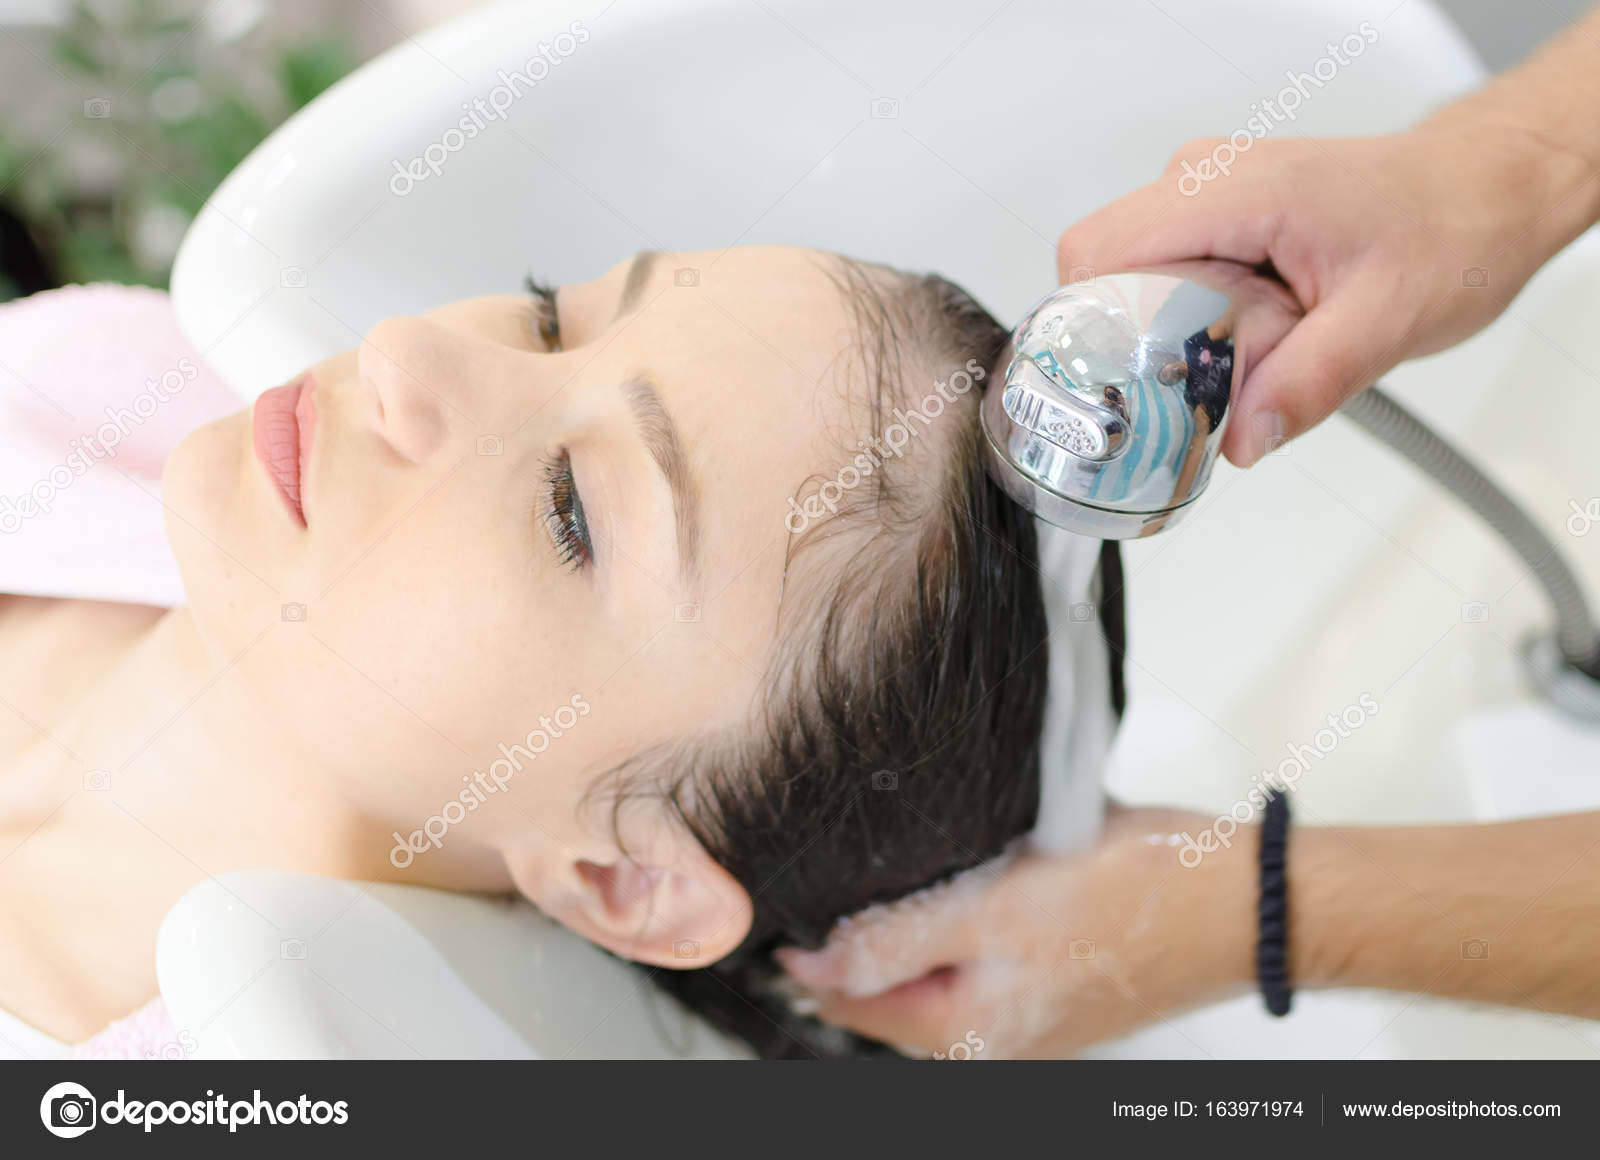 Friseur Spült Frau Haare Und Kopf Friseursalon Nach Balsam Für